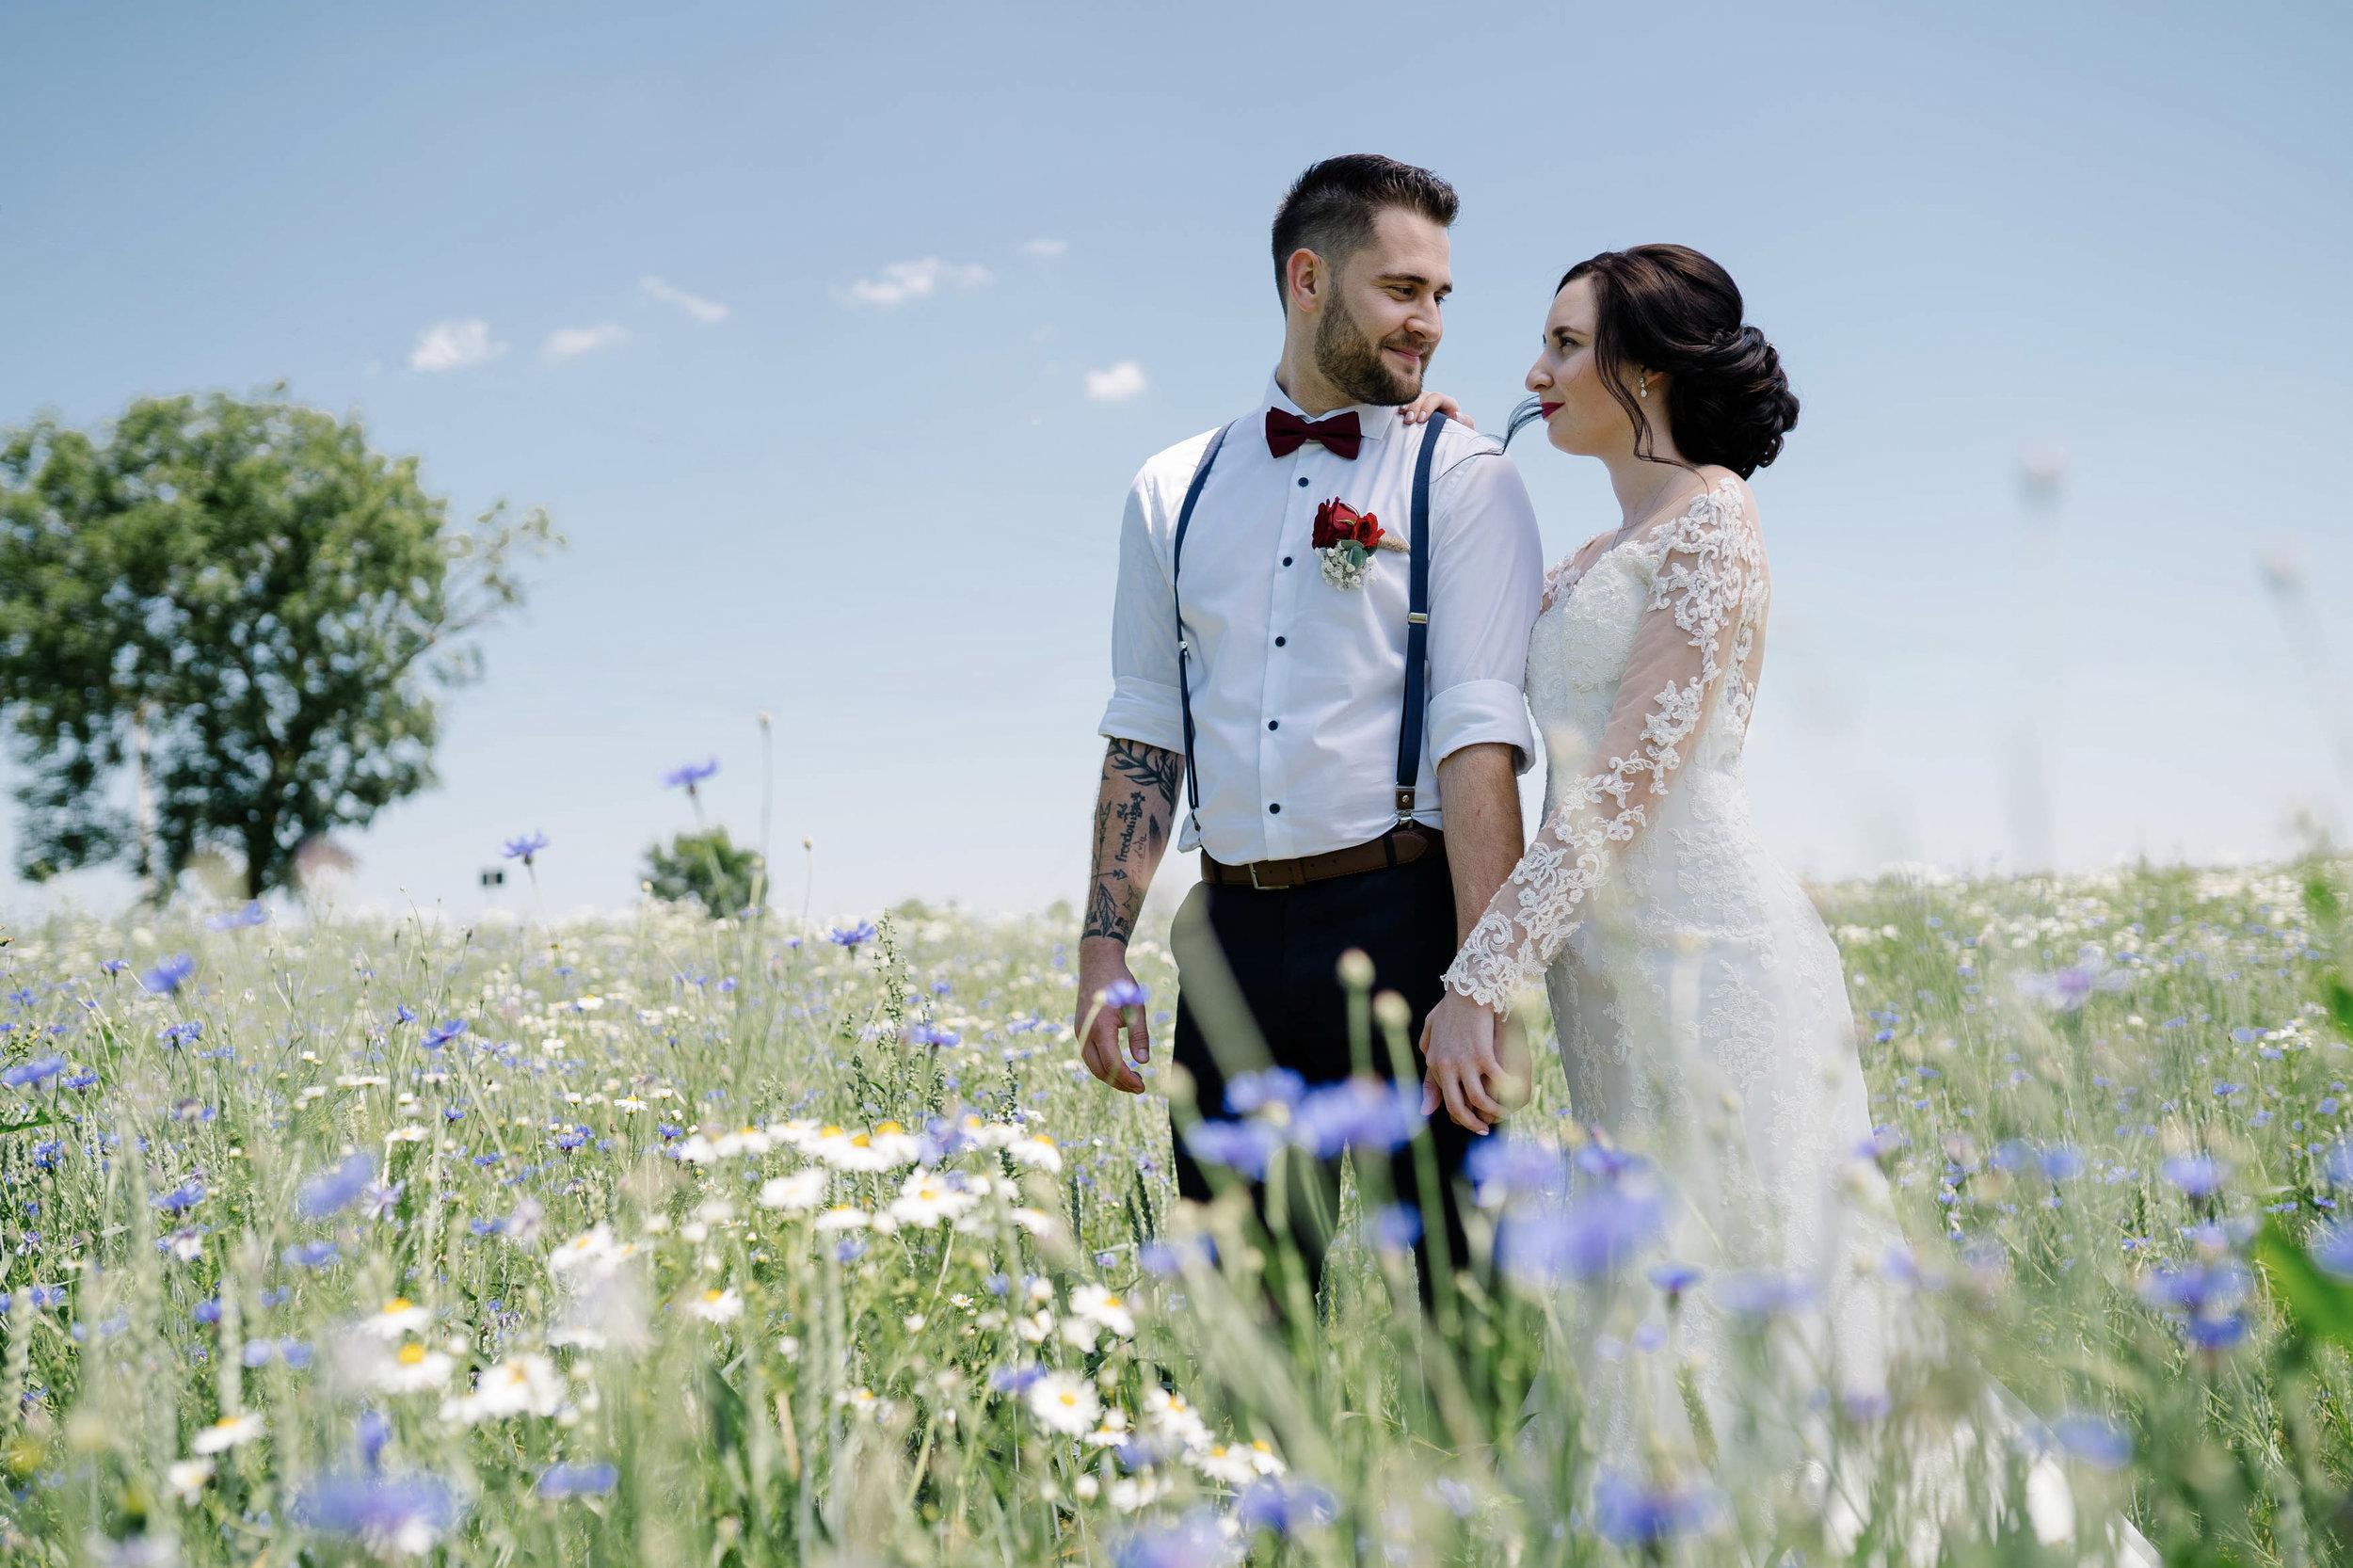 mt-photographe-videaste-bruxelles-mariage-leleu-14.jpg